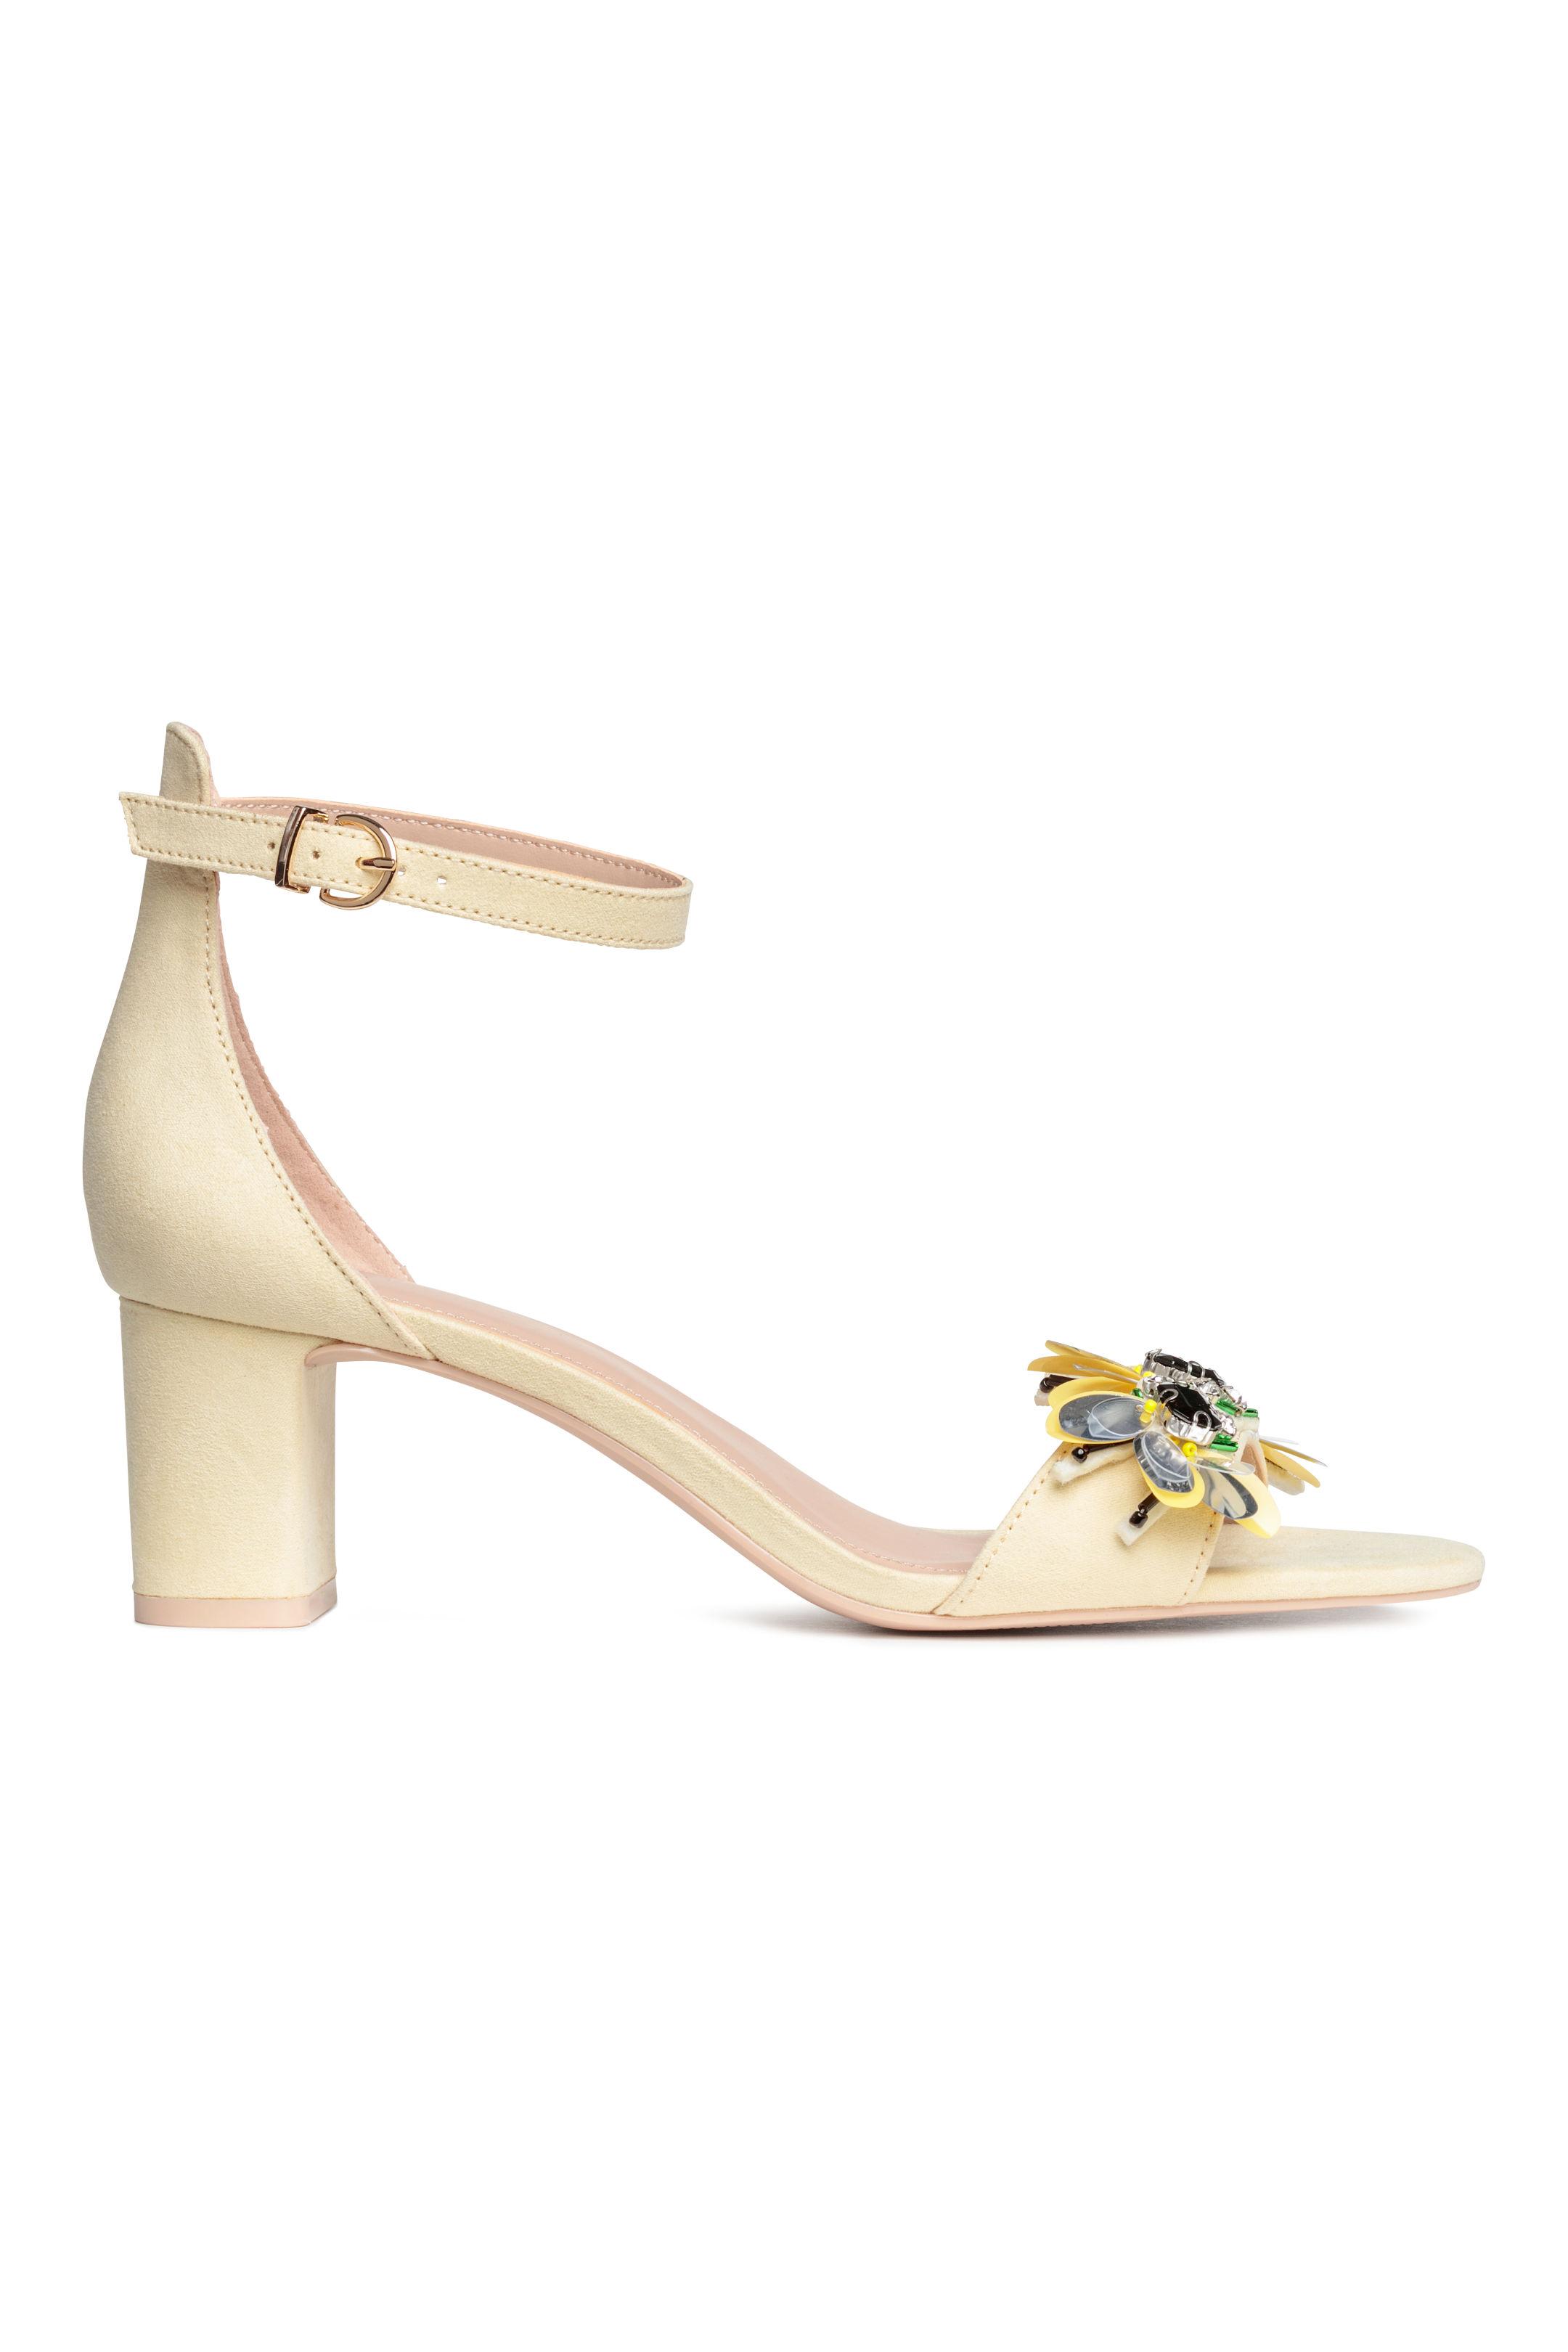 Sandali con inserto gioiello a fiori H&M a 34,99 euro